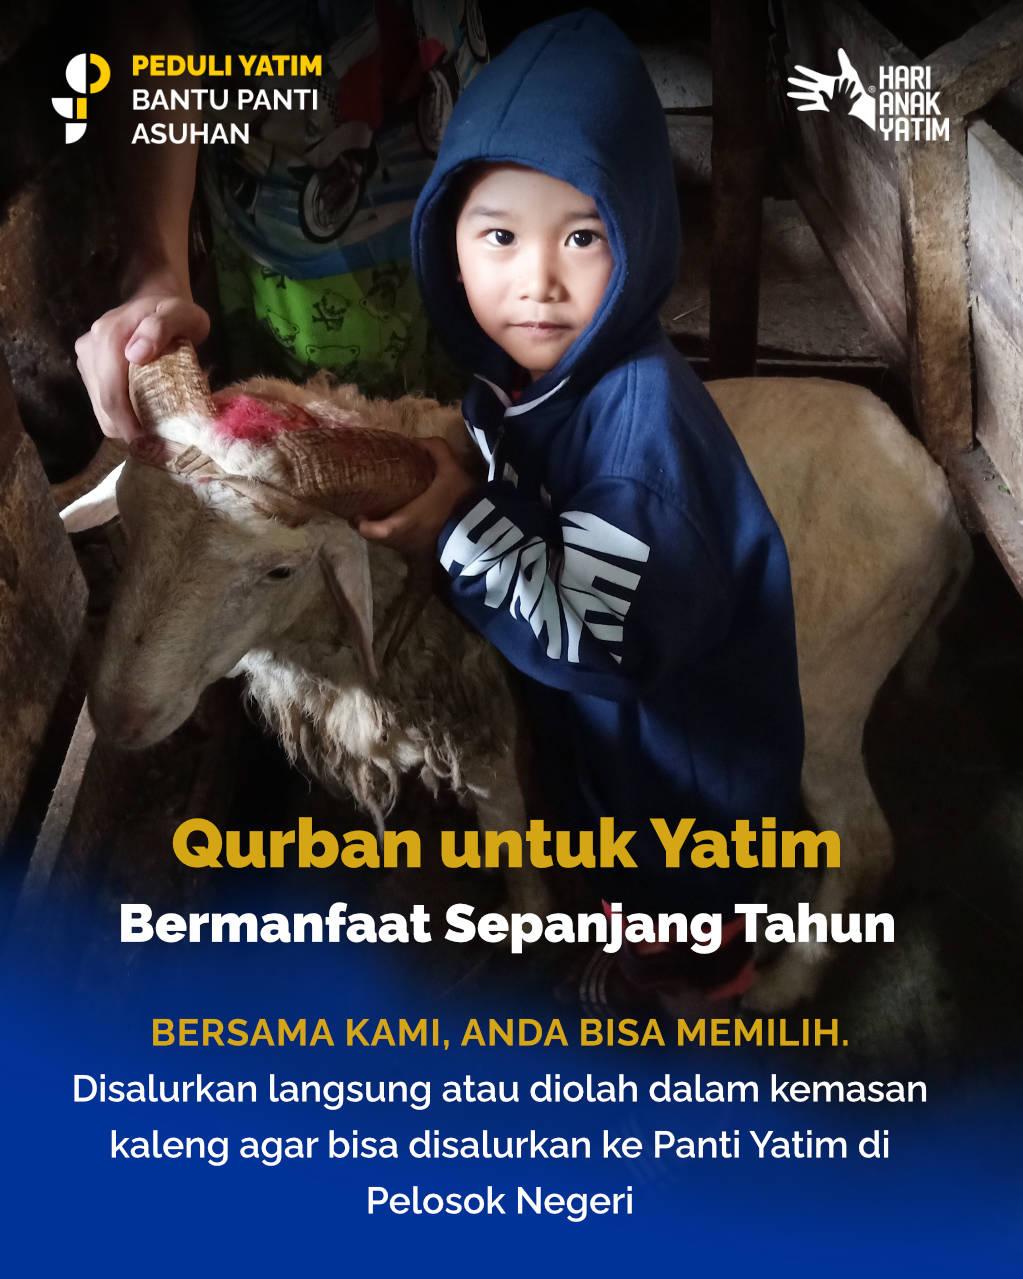 Qurban bermanfaat sepanjang tahun